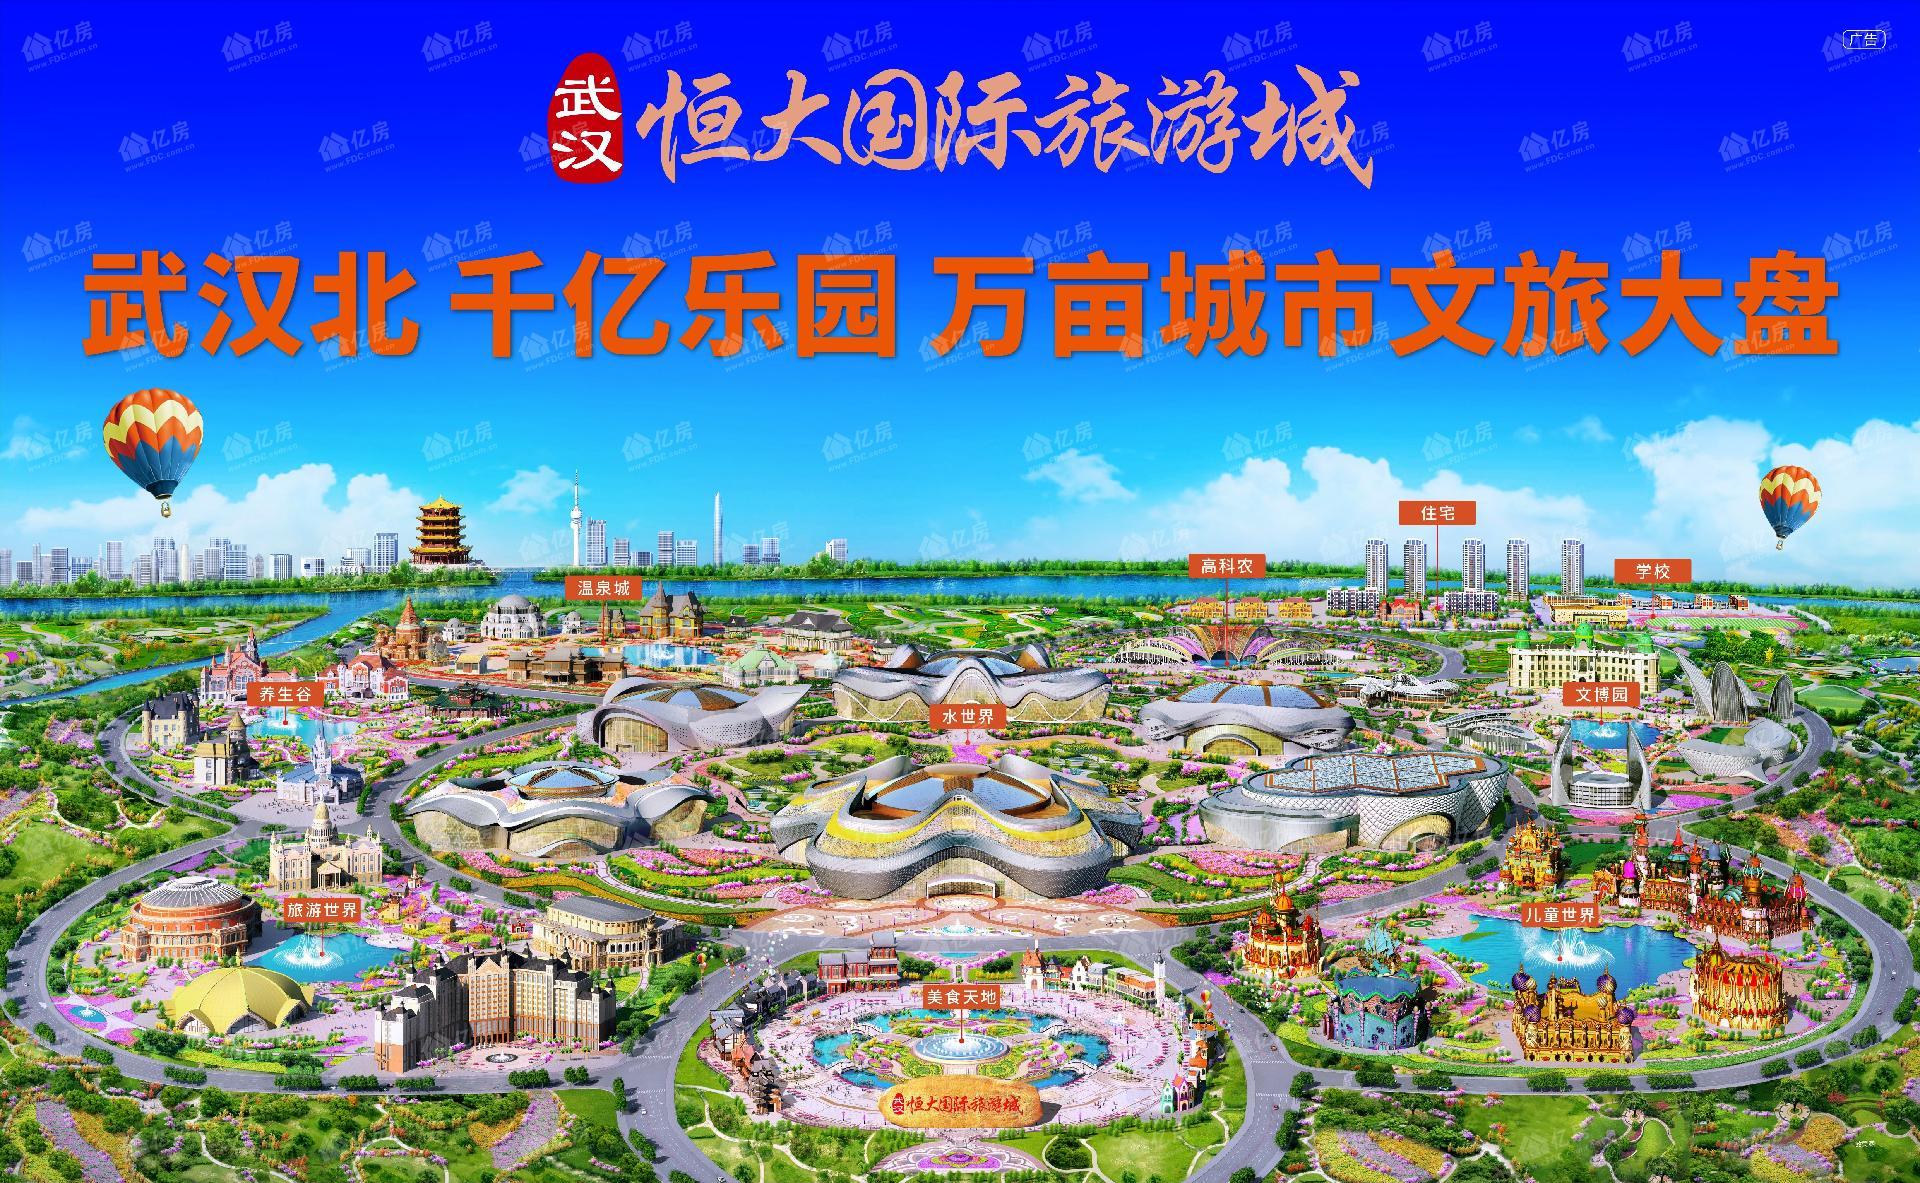 武汉恒大国际旅游城